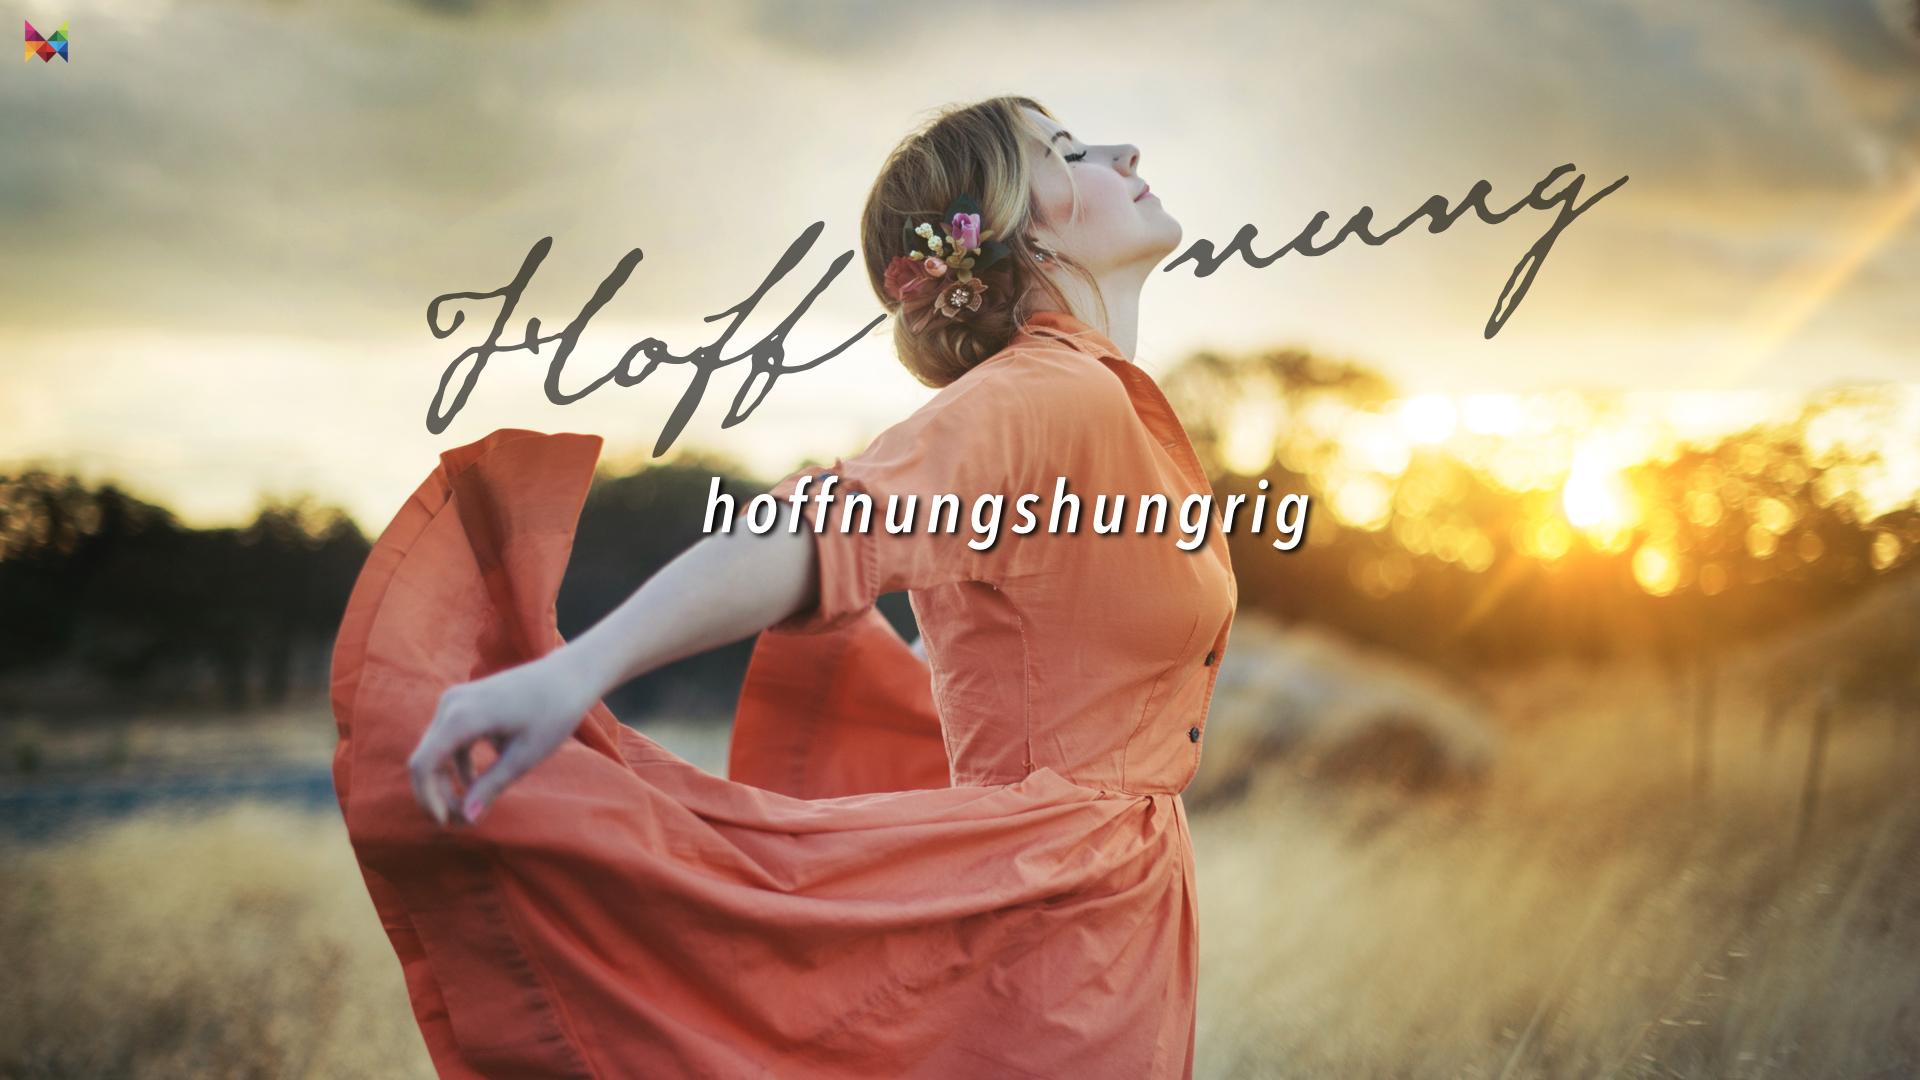 Hoffnung 03. hoffnungshungrig 1